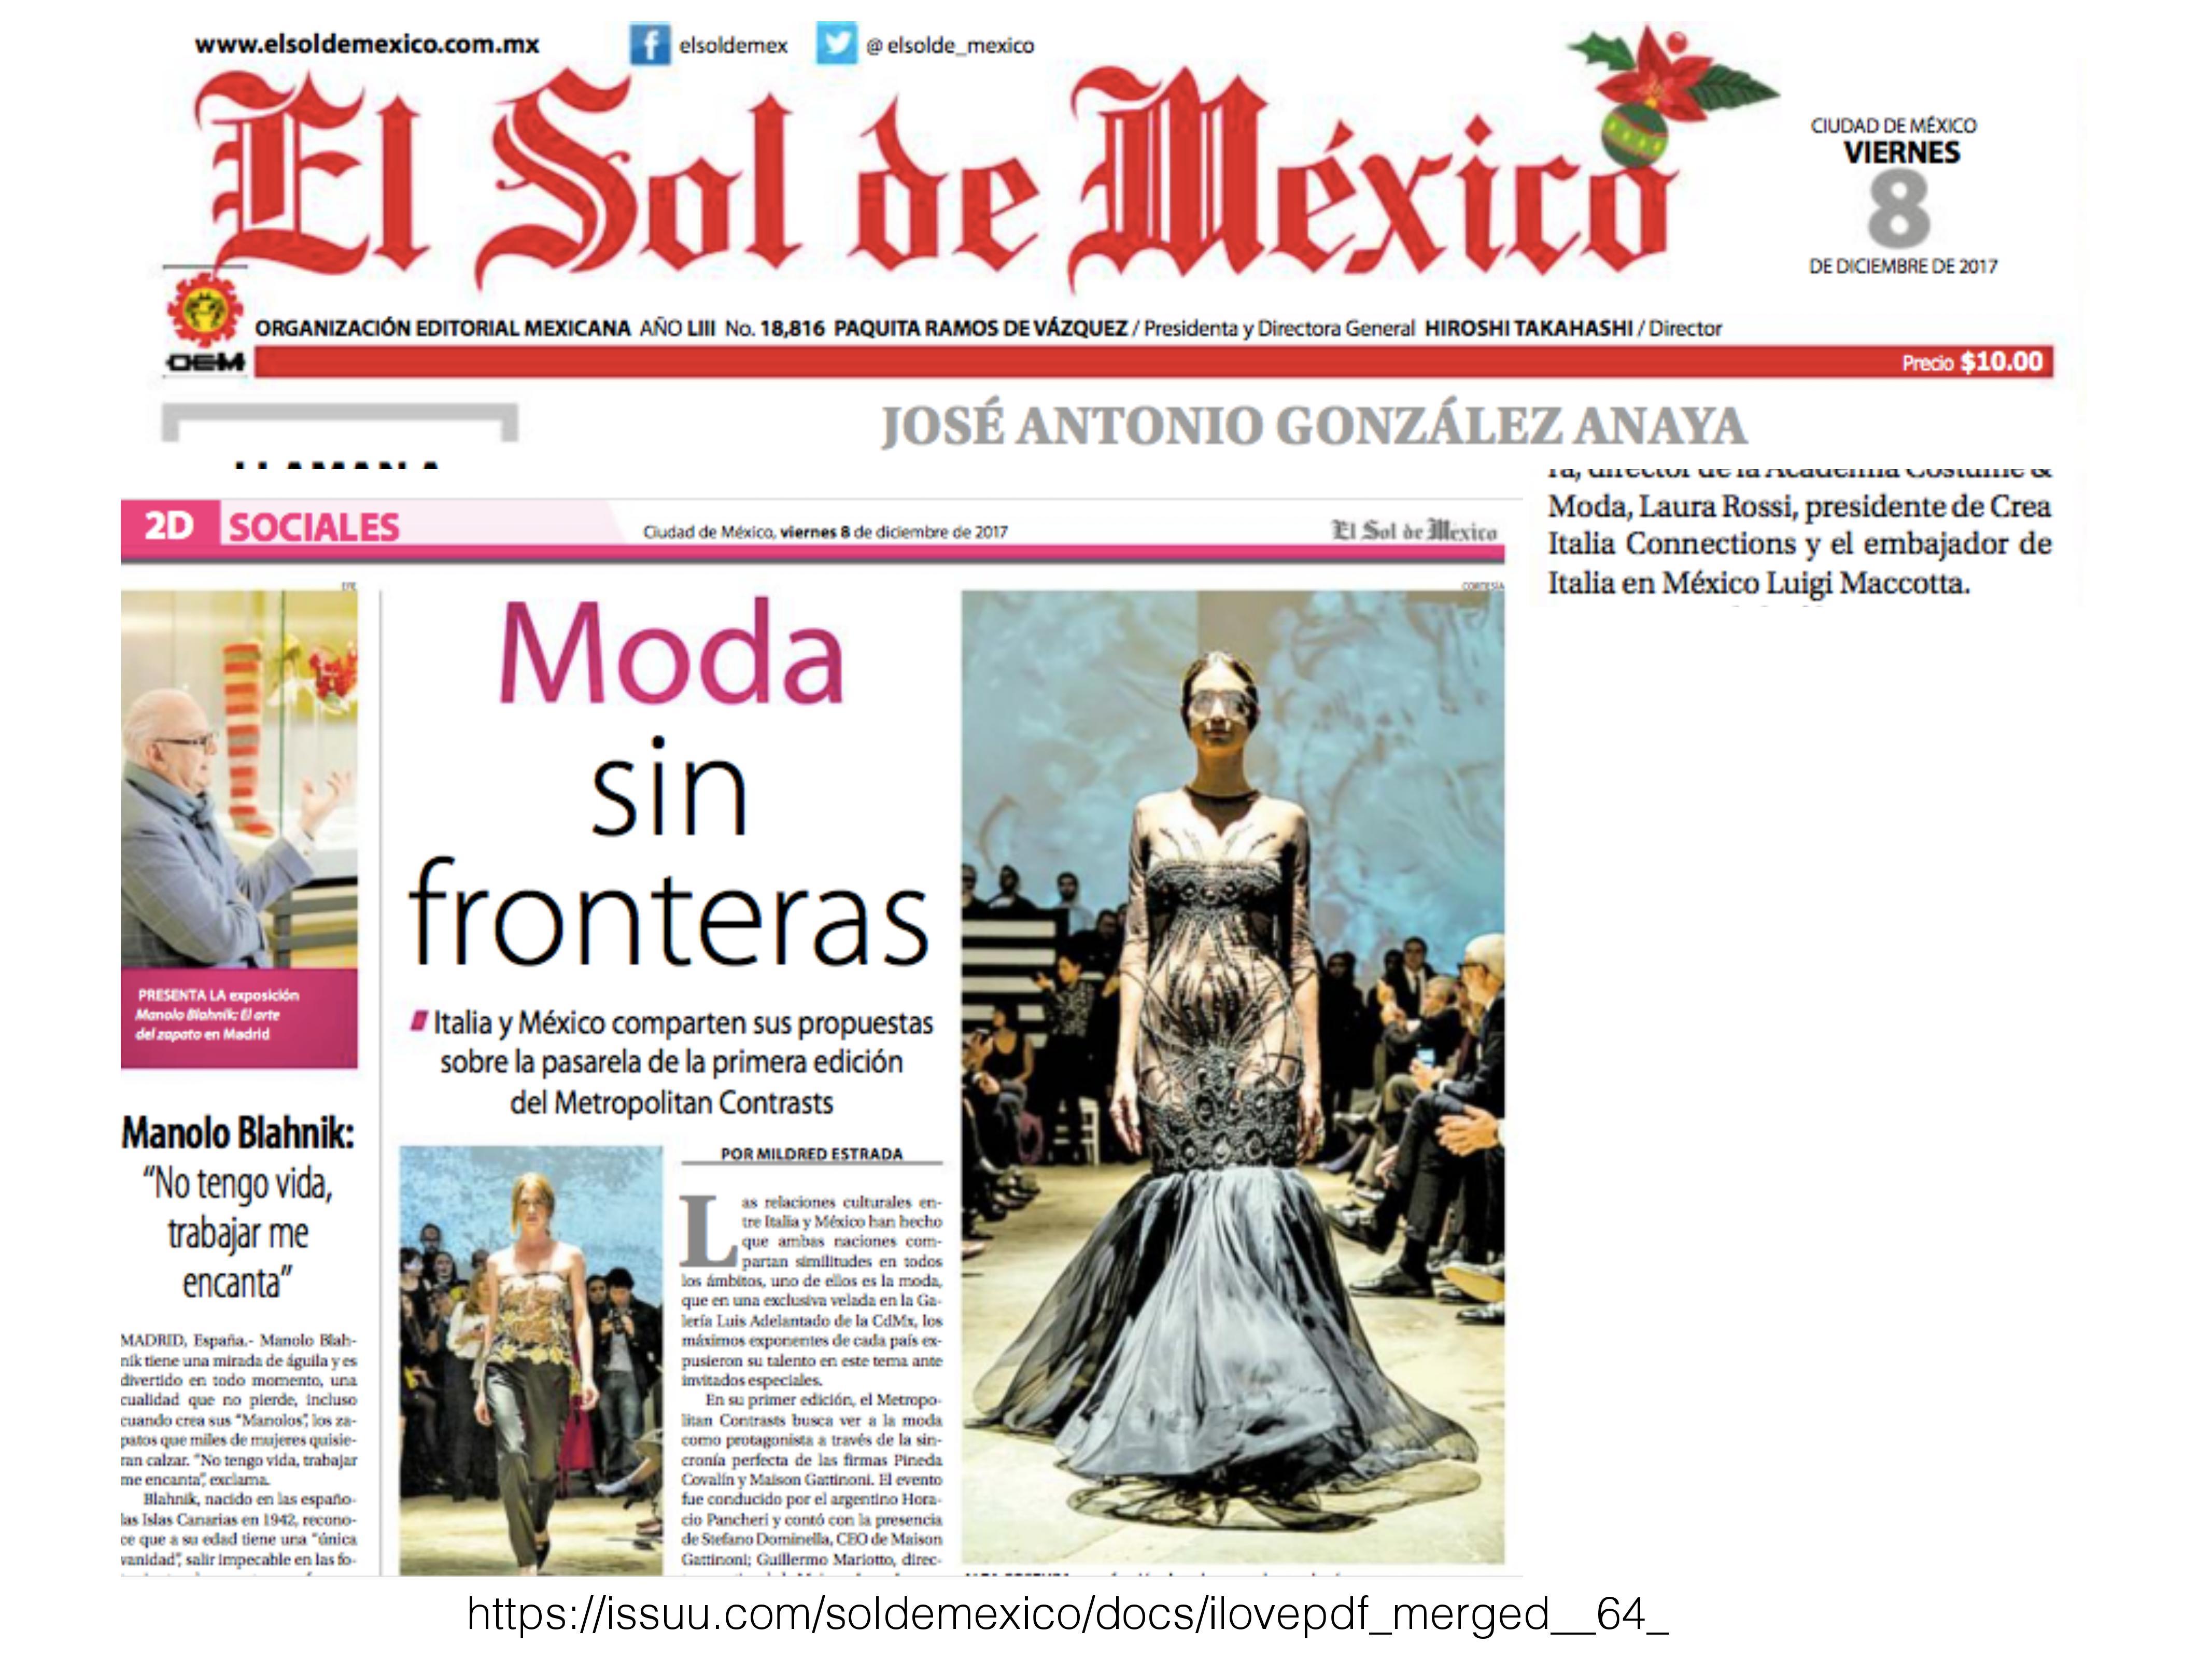 bec07f7ae2 Rueda de Prensa – Metropolitan Contrasts – Crea Italia Connections